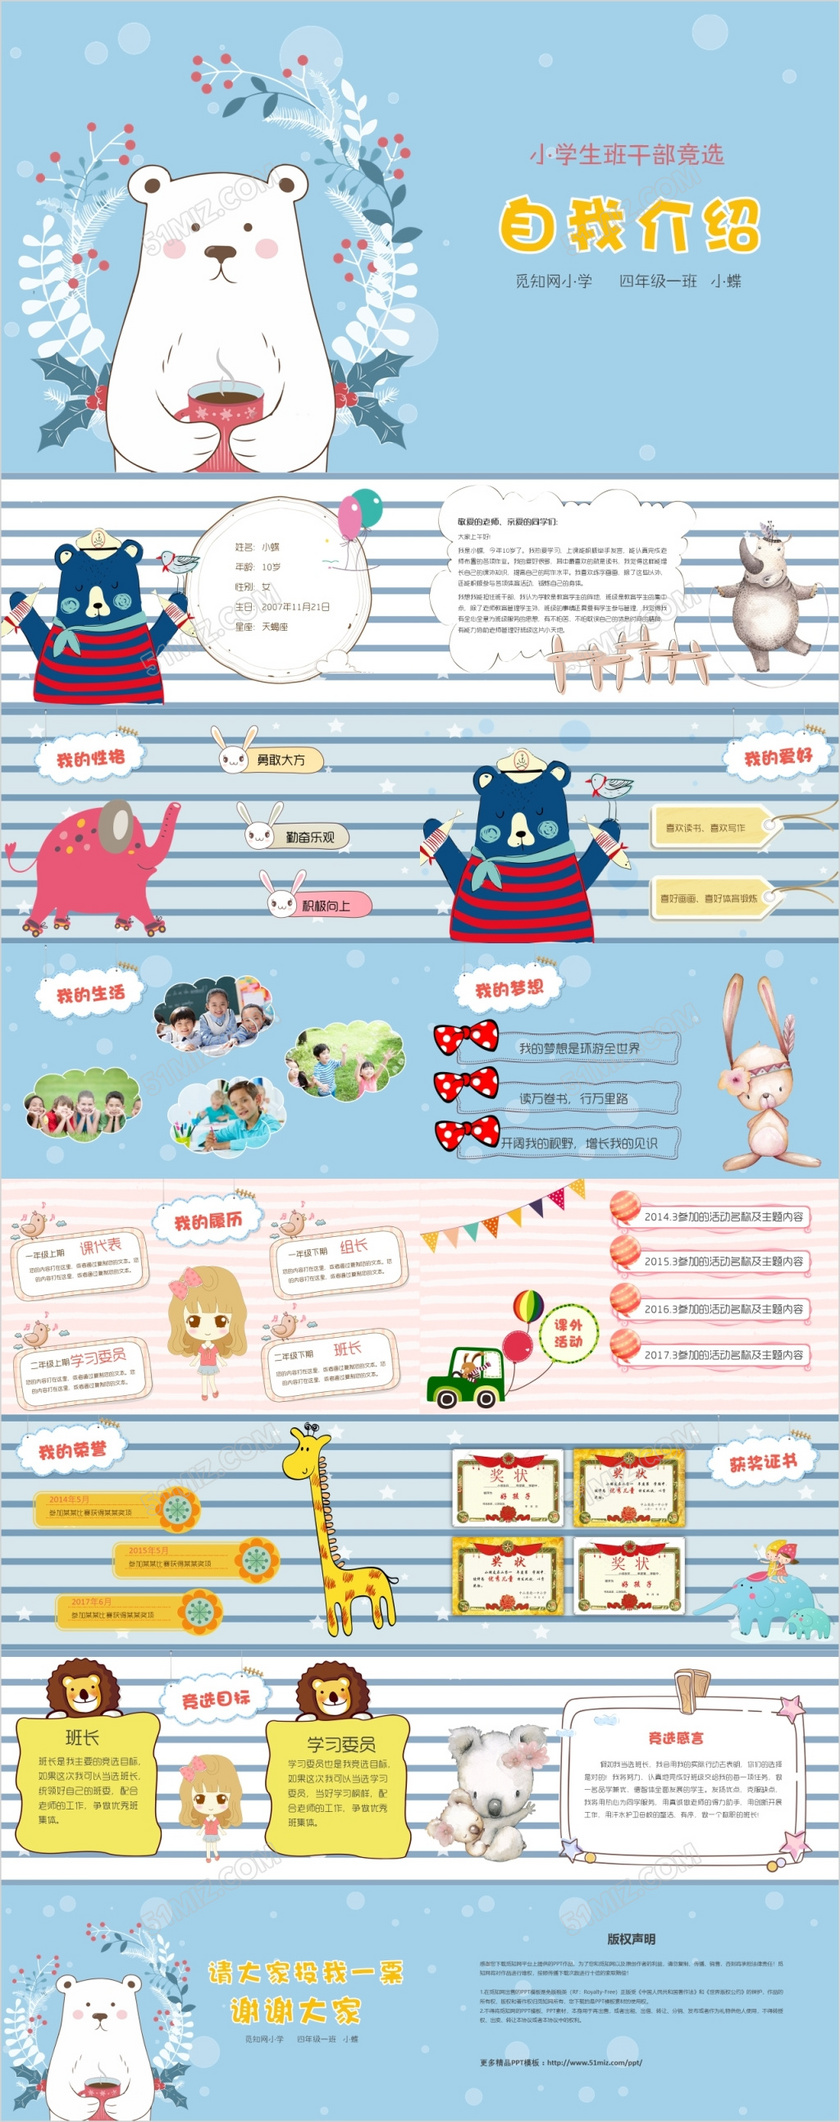 手绘韩版卡通可爱小学生幼儿园班干部竞选自我介绍竞选简历ppt模板